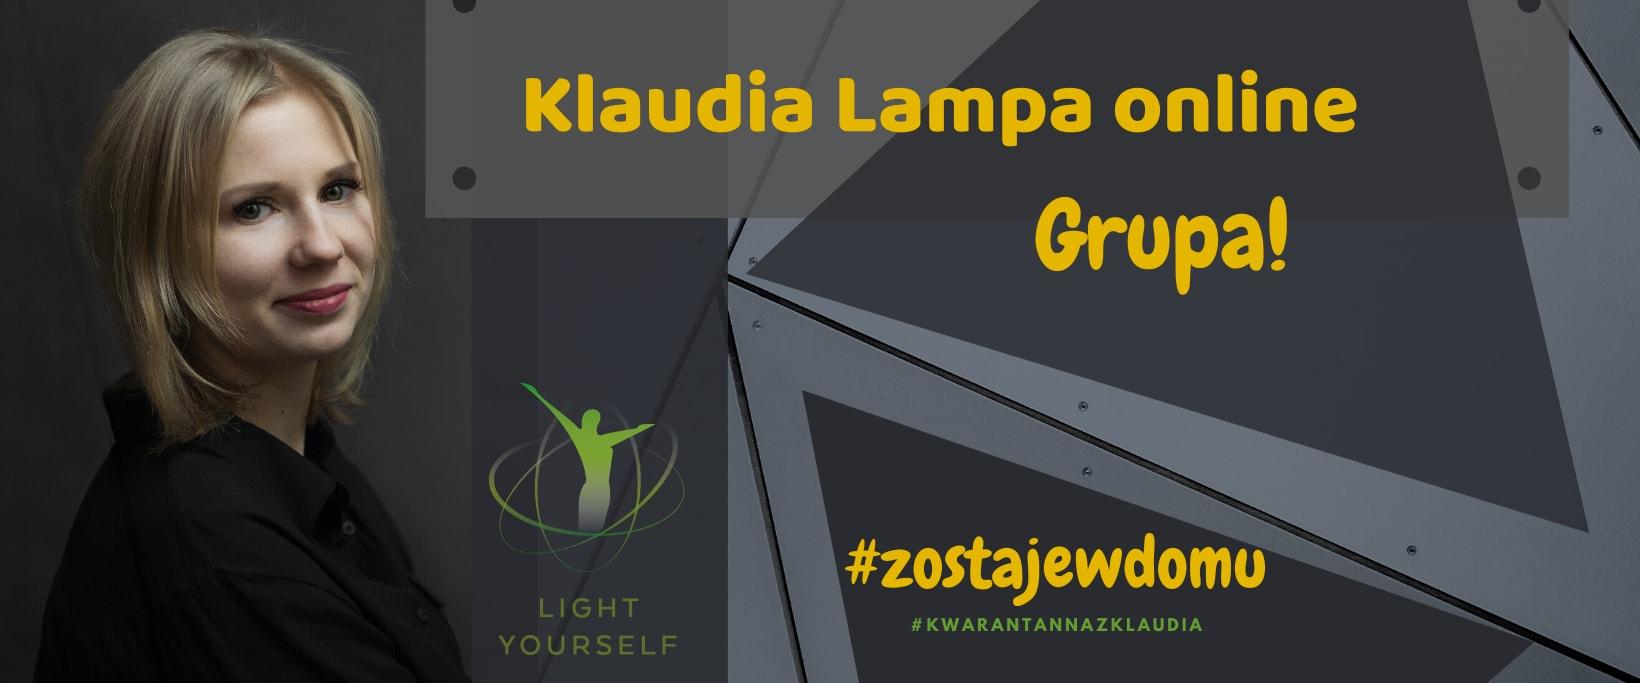 Klaudia Lampa Online - Grupa Facebook